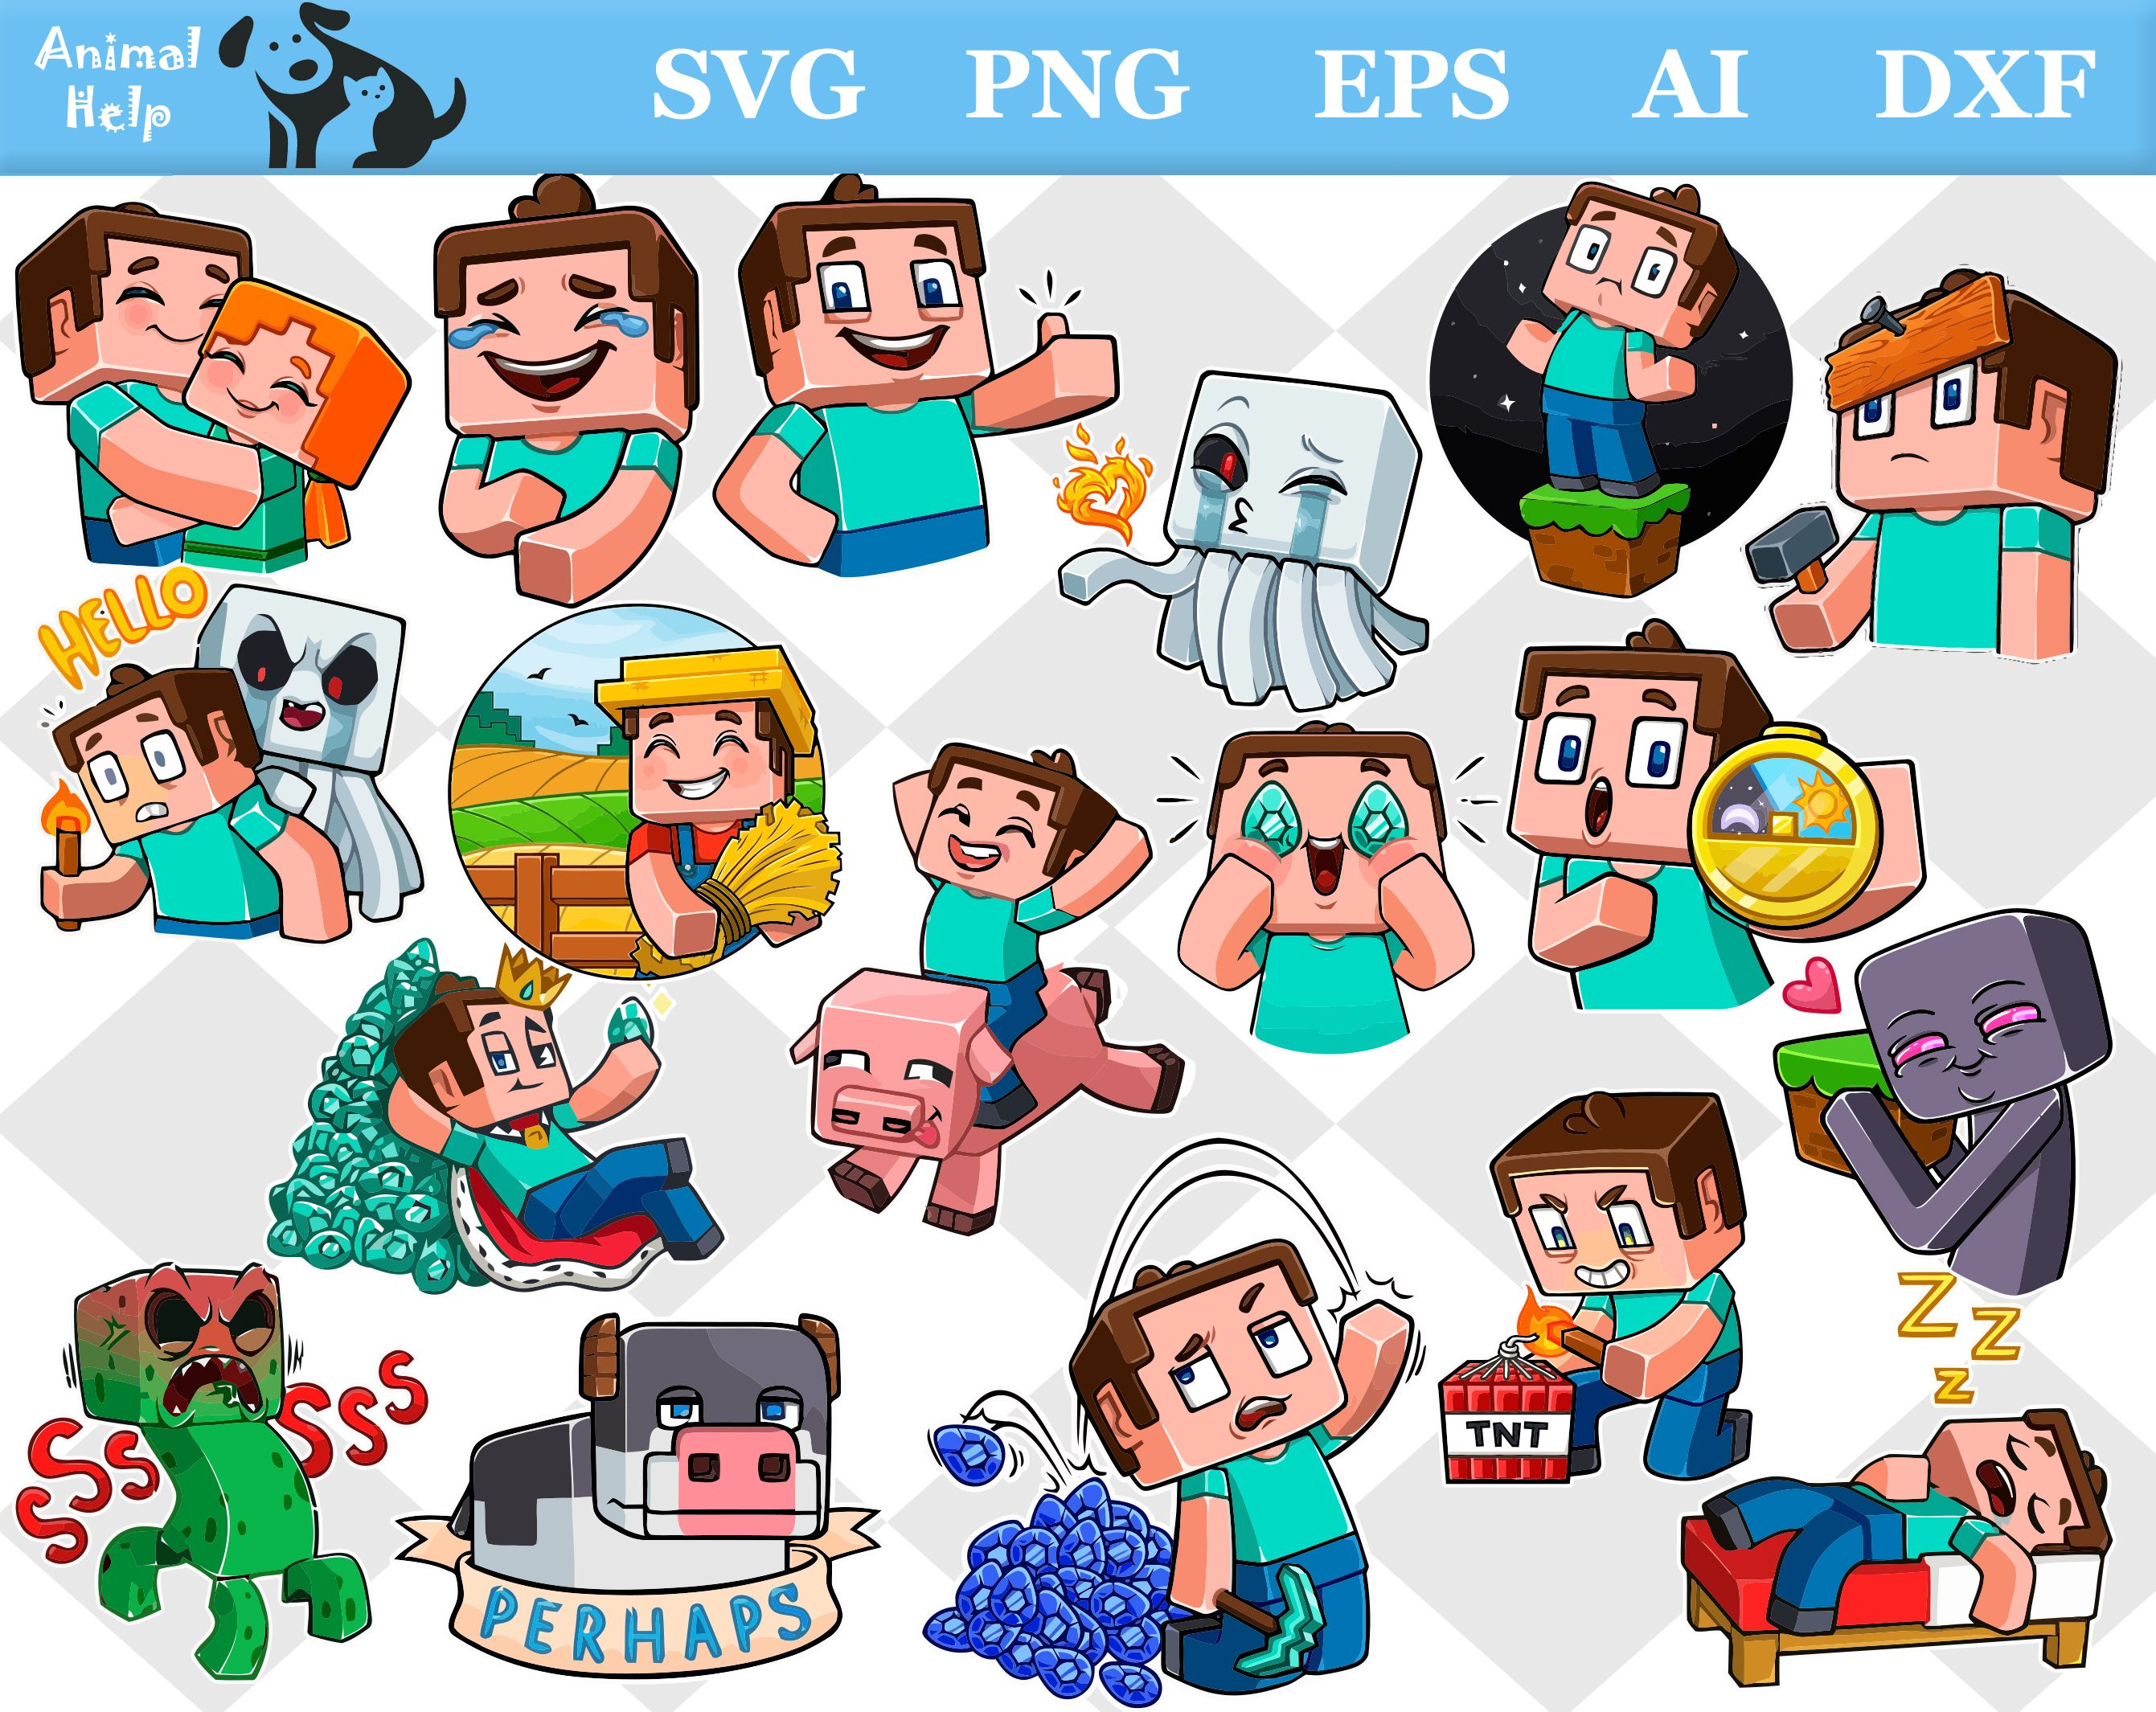 Big Svg Bundle Clipart Cameo Silhouette Cricut Vector Svg Png Eps Dxf Ai Files Instant Download Cricut Dxf Clip Art